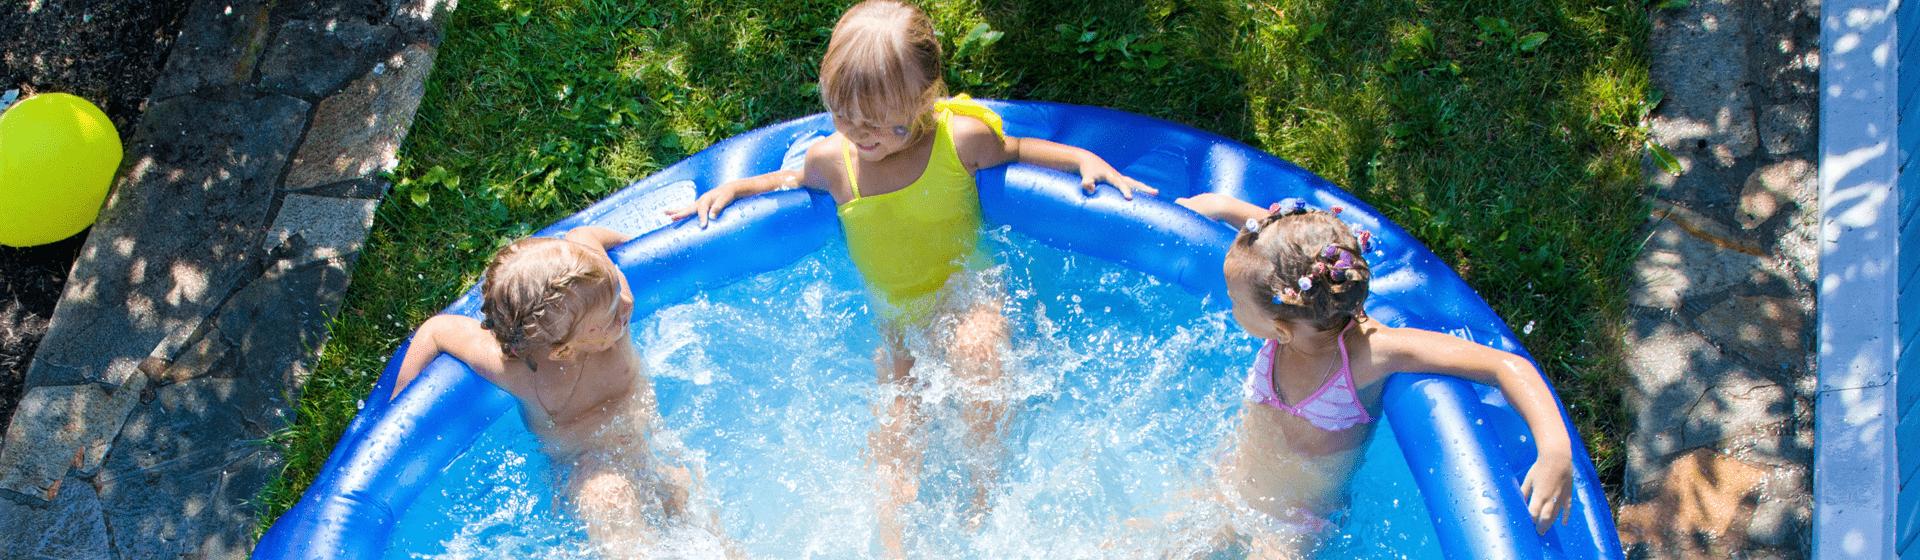 Melhores piscinas infláveis e de armação de 2021: 9 modelos para comprar